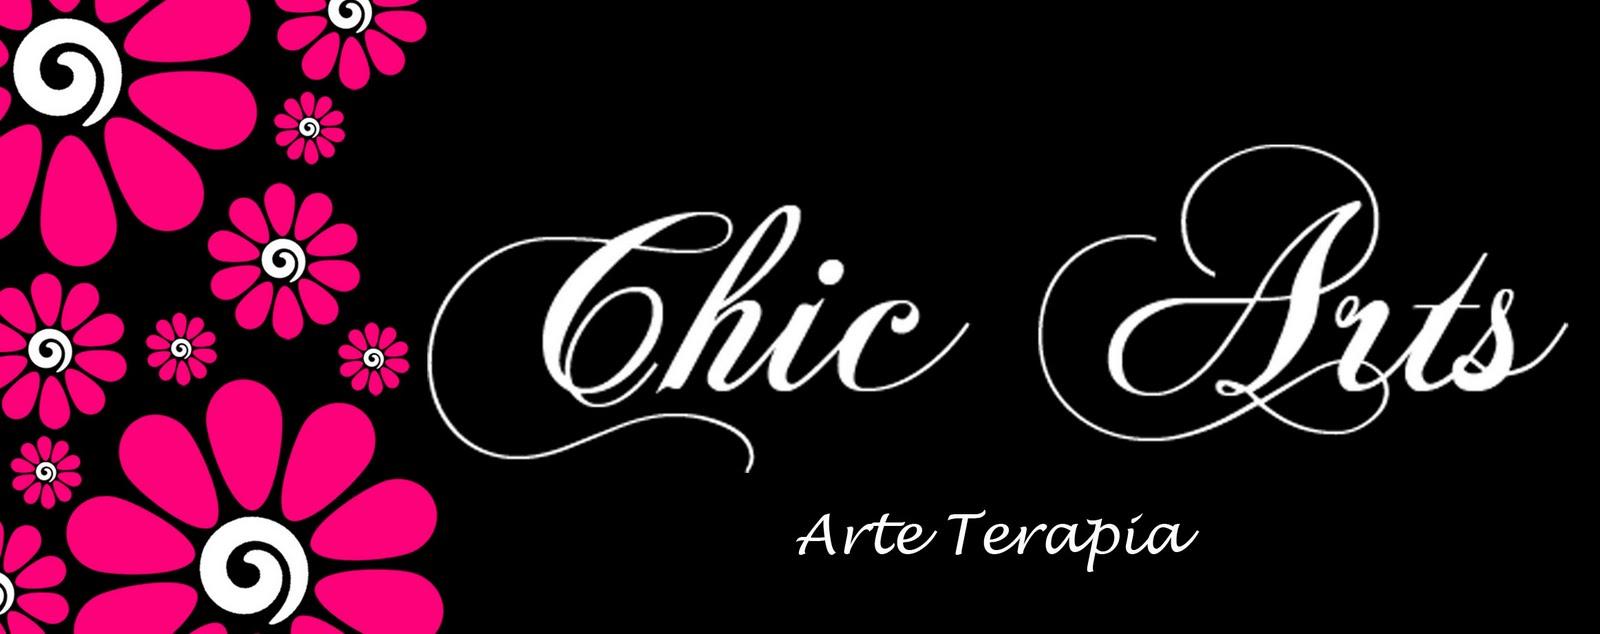 Chic Arts